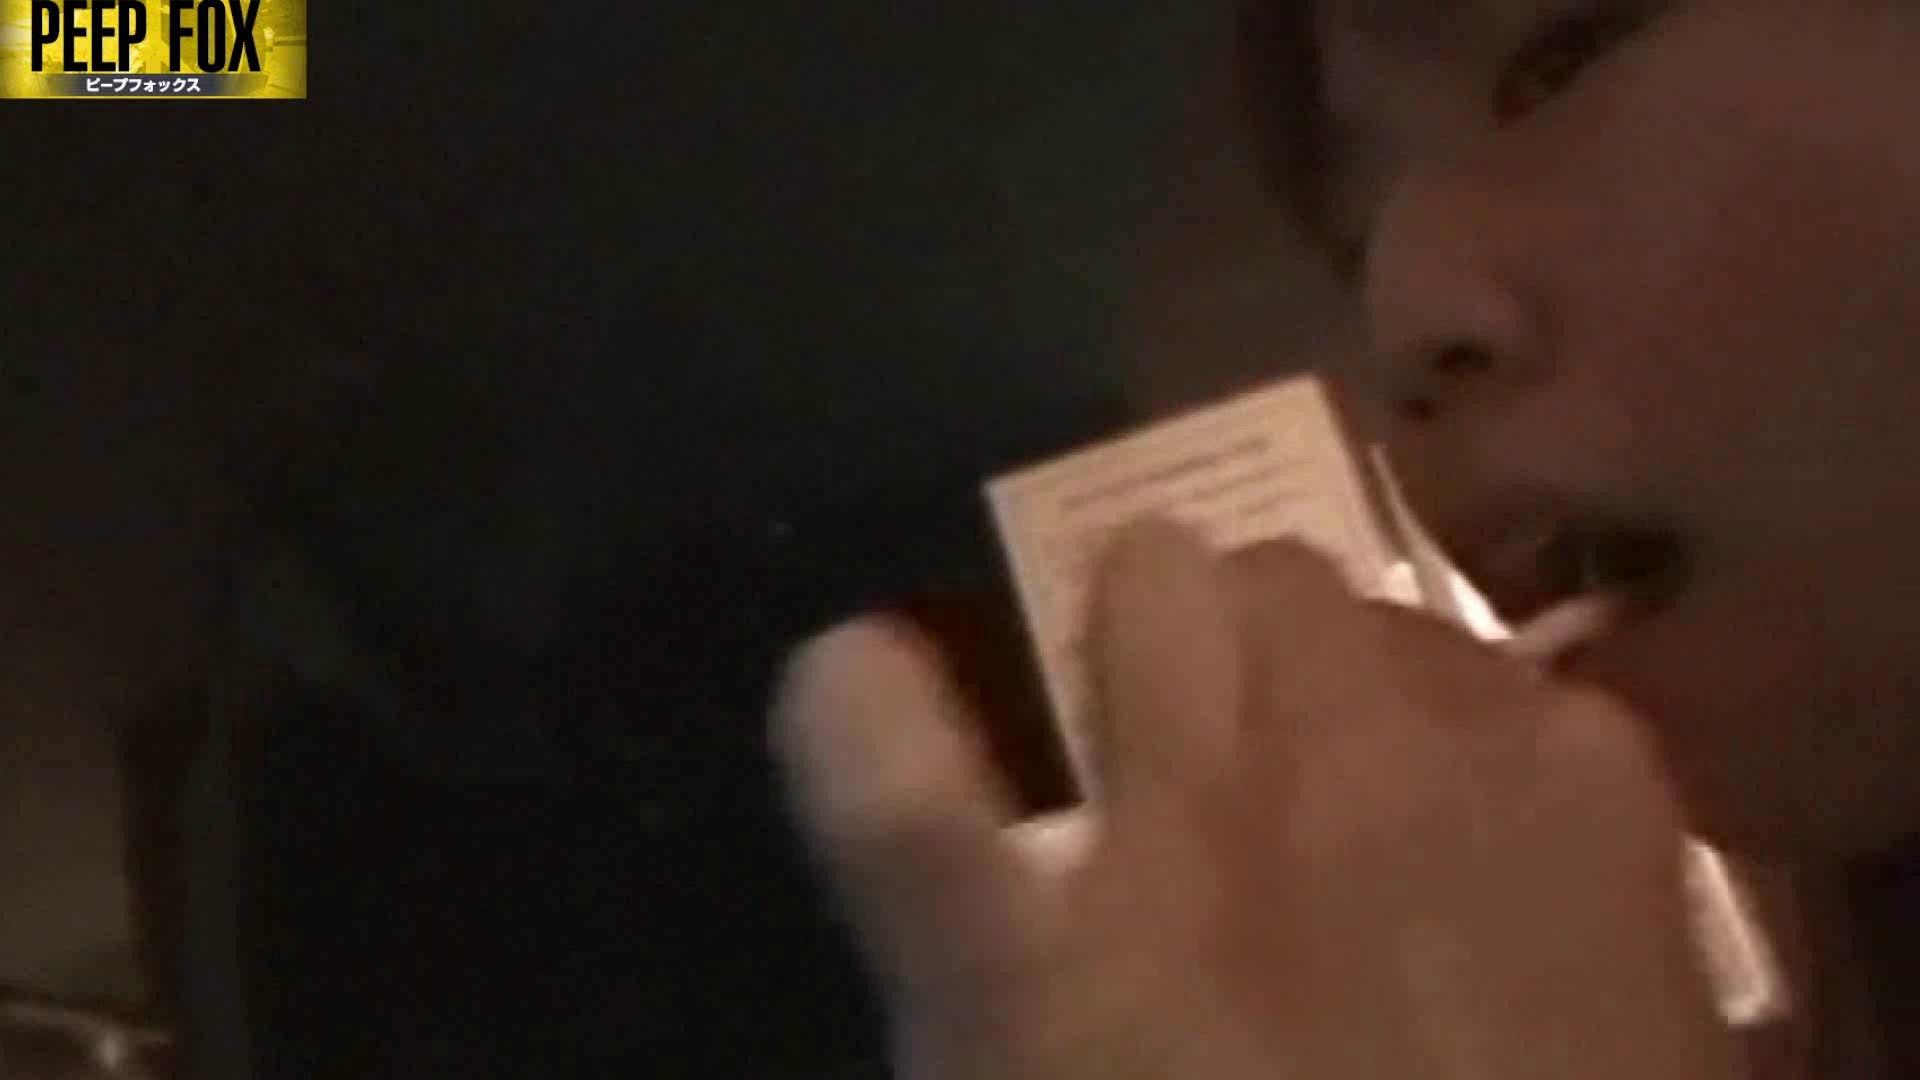 完全素人!!訳アリ娘のラブライフ♪vol.19前編 フェラチオ セックス画像 100pic 63